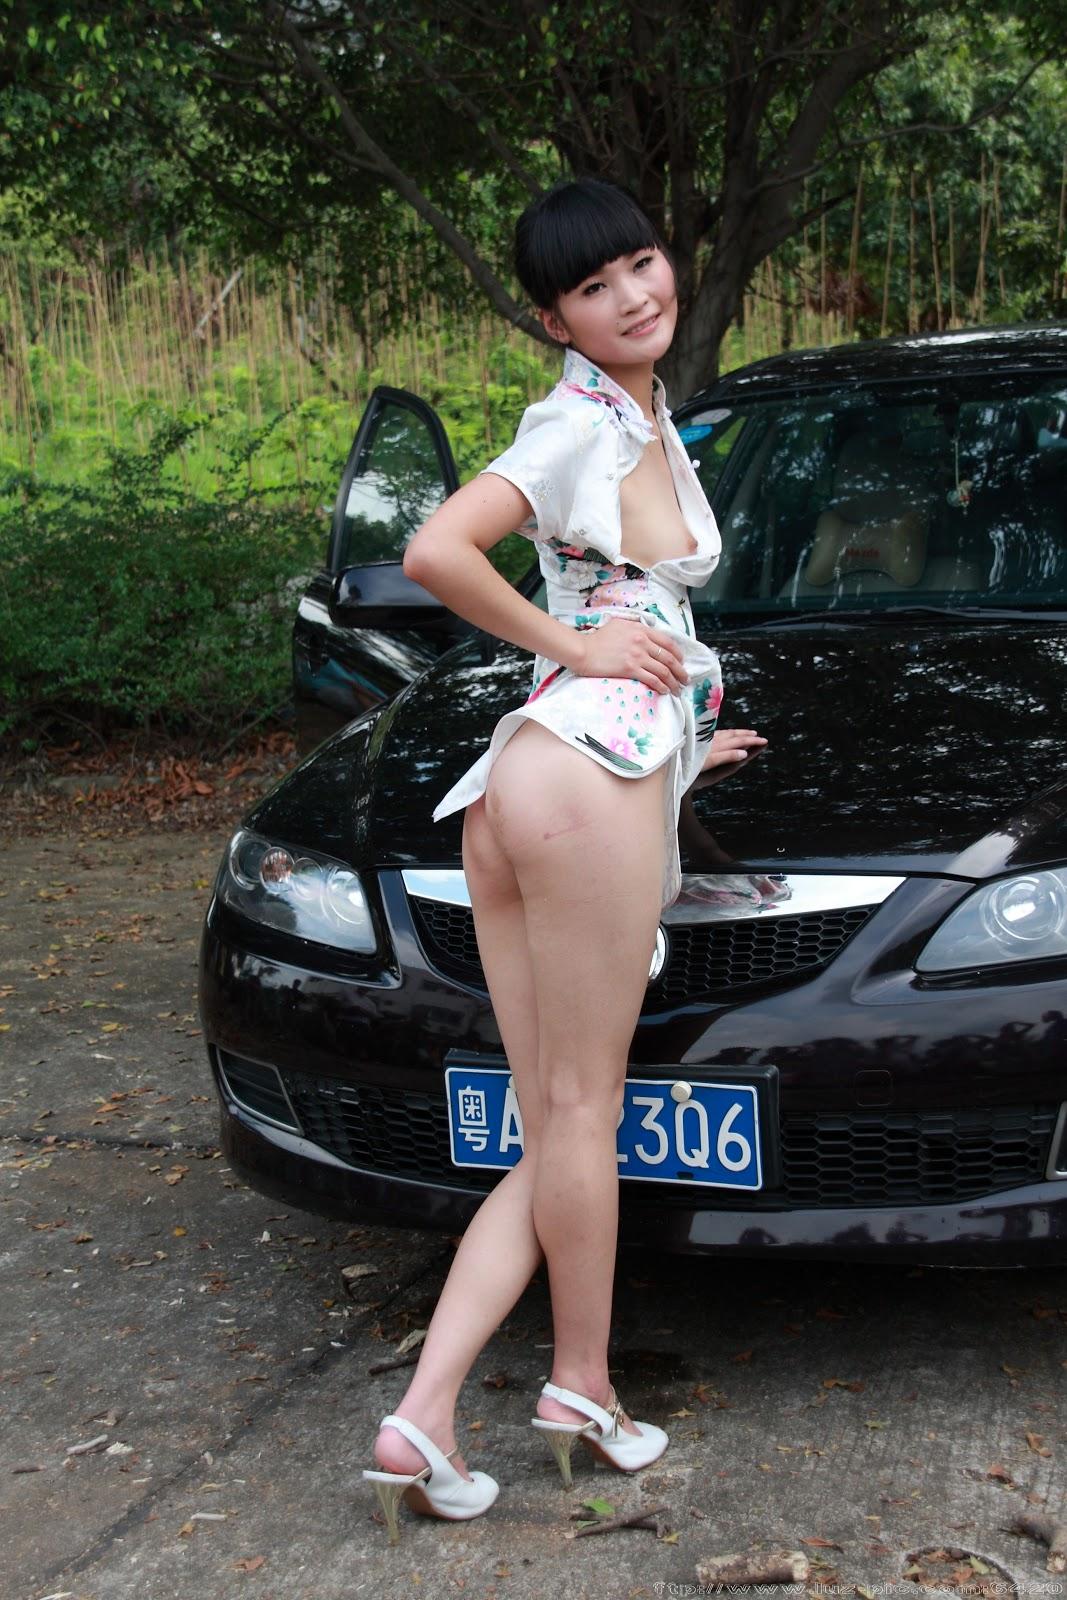 Chinese Nude_Art_Photos_-_206_-_XianYu